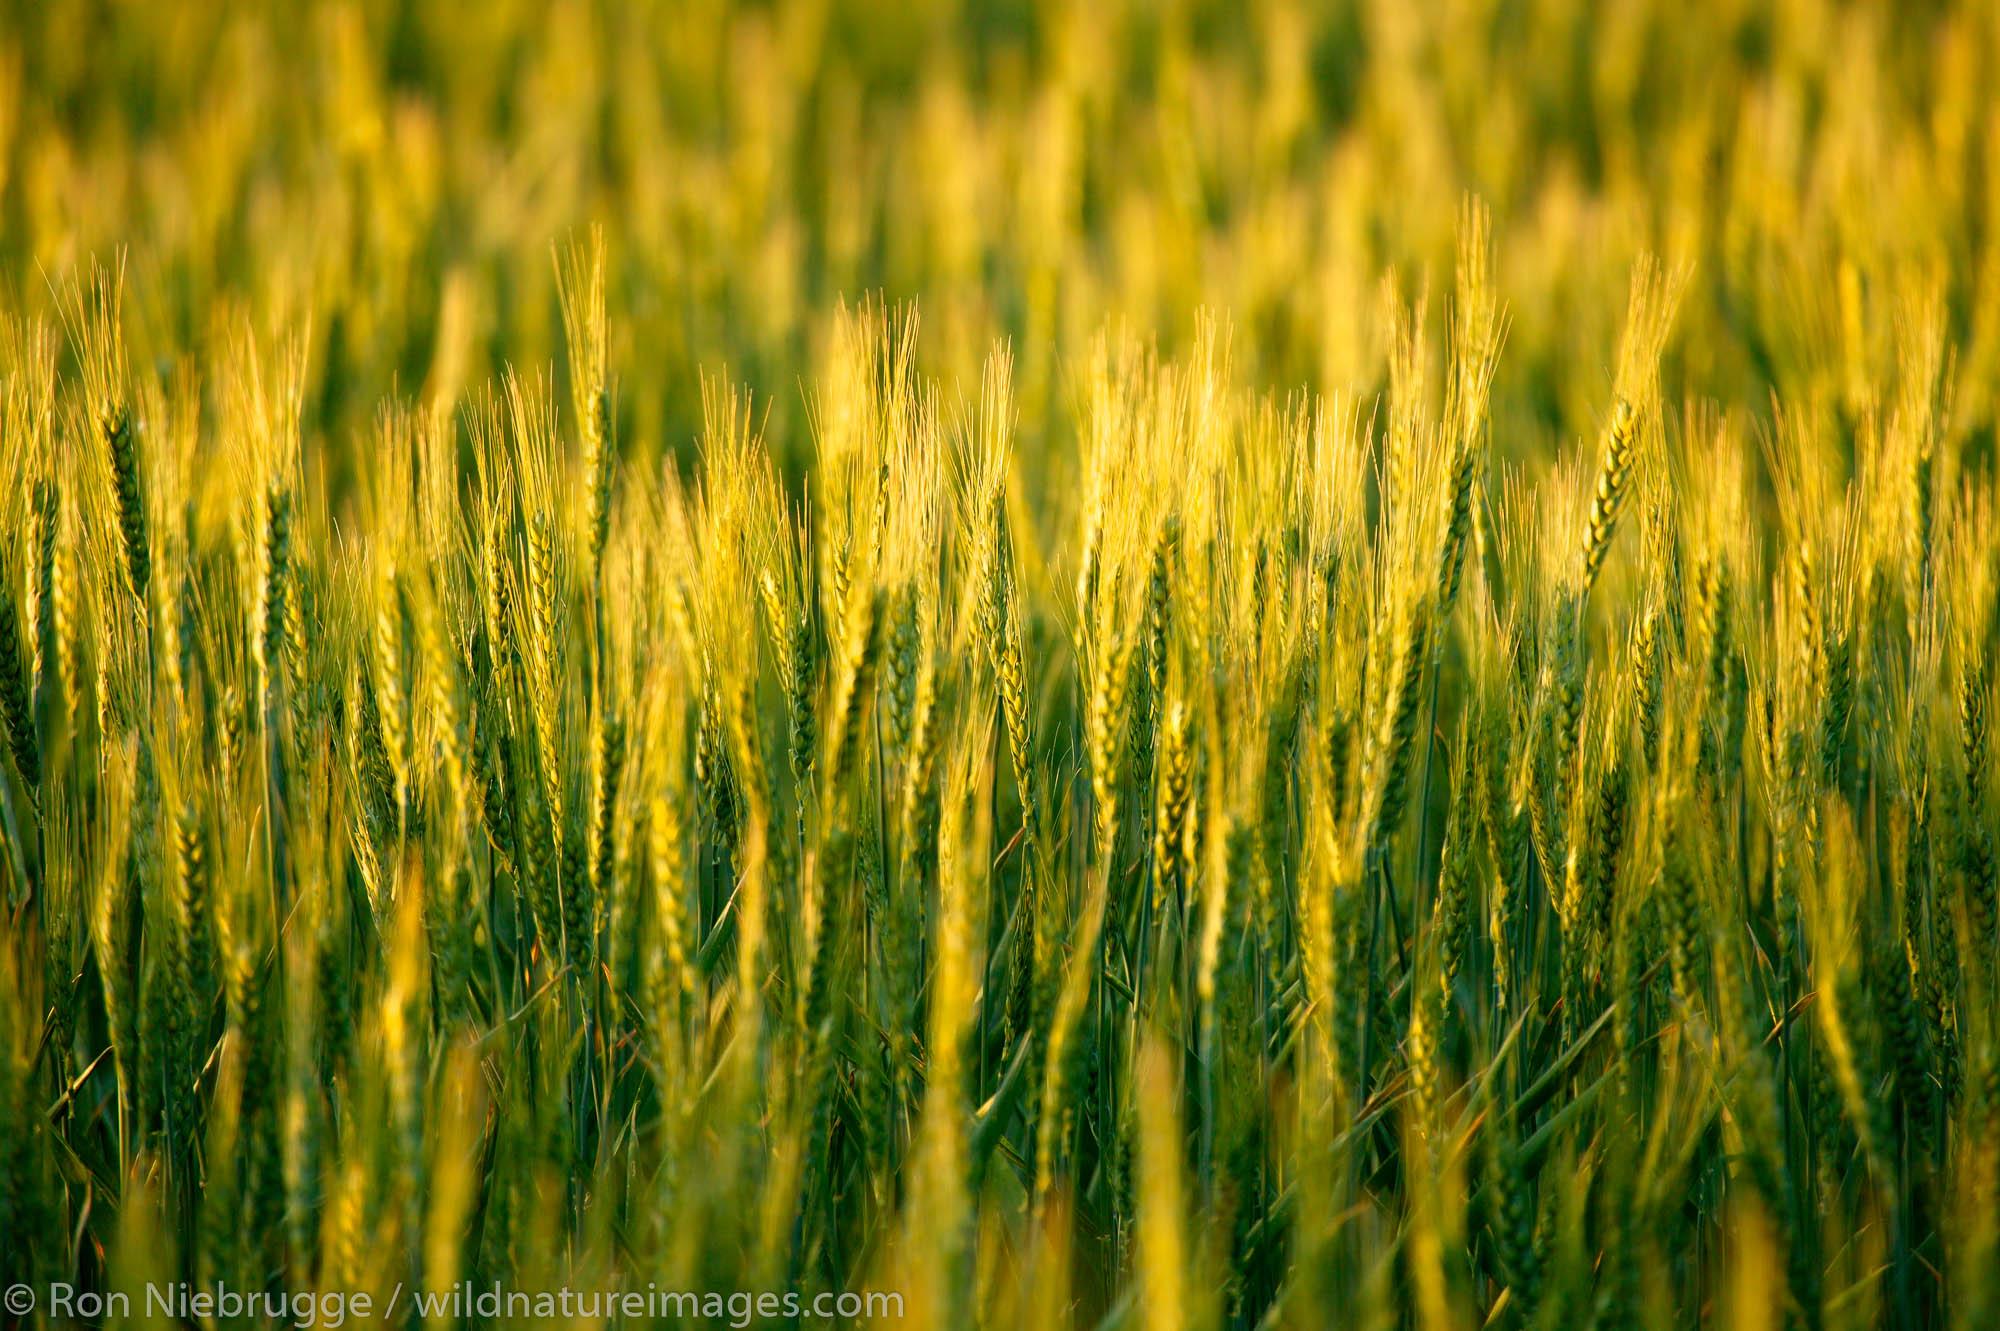 Wheat farmland near Ritzville, Eastern Washington.